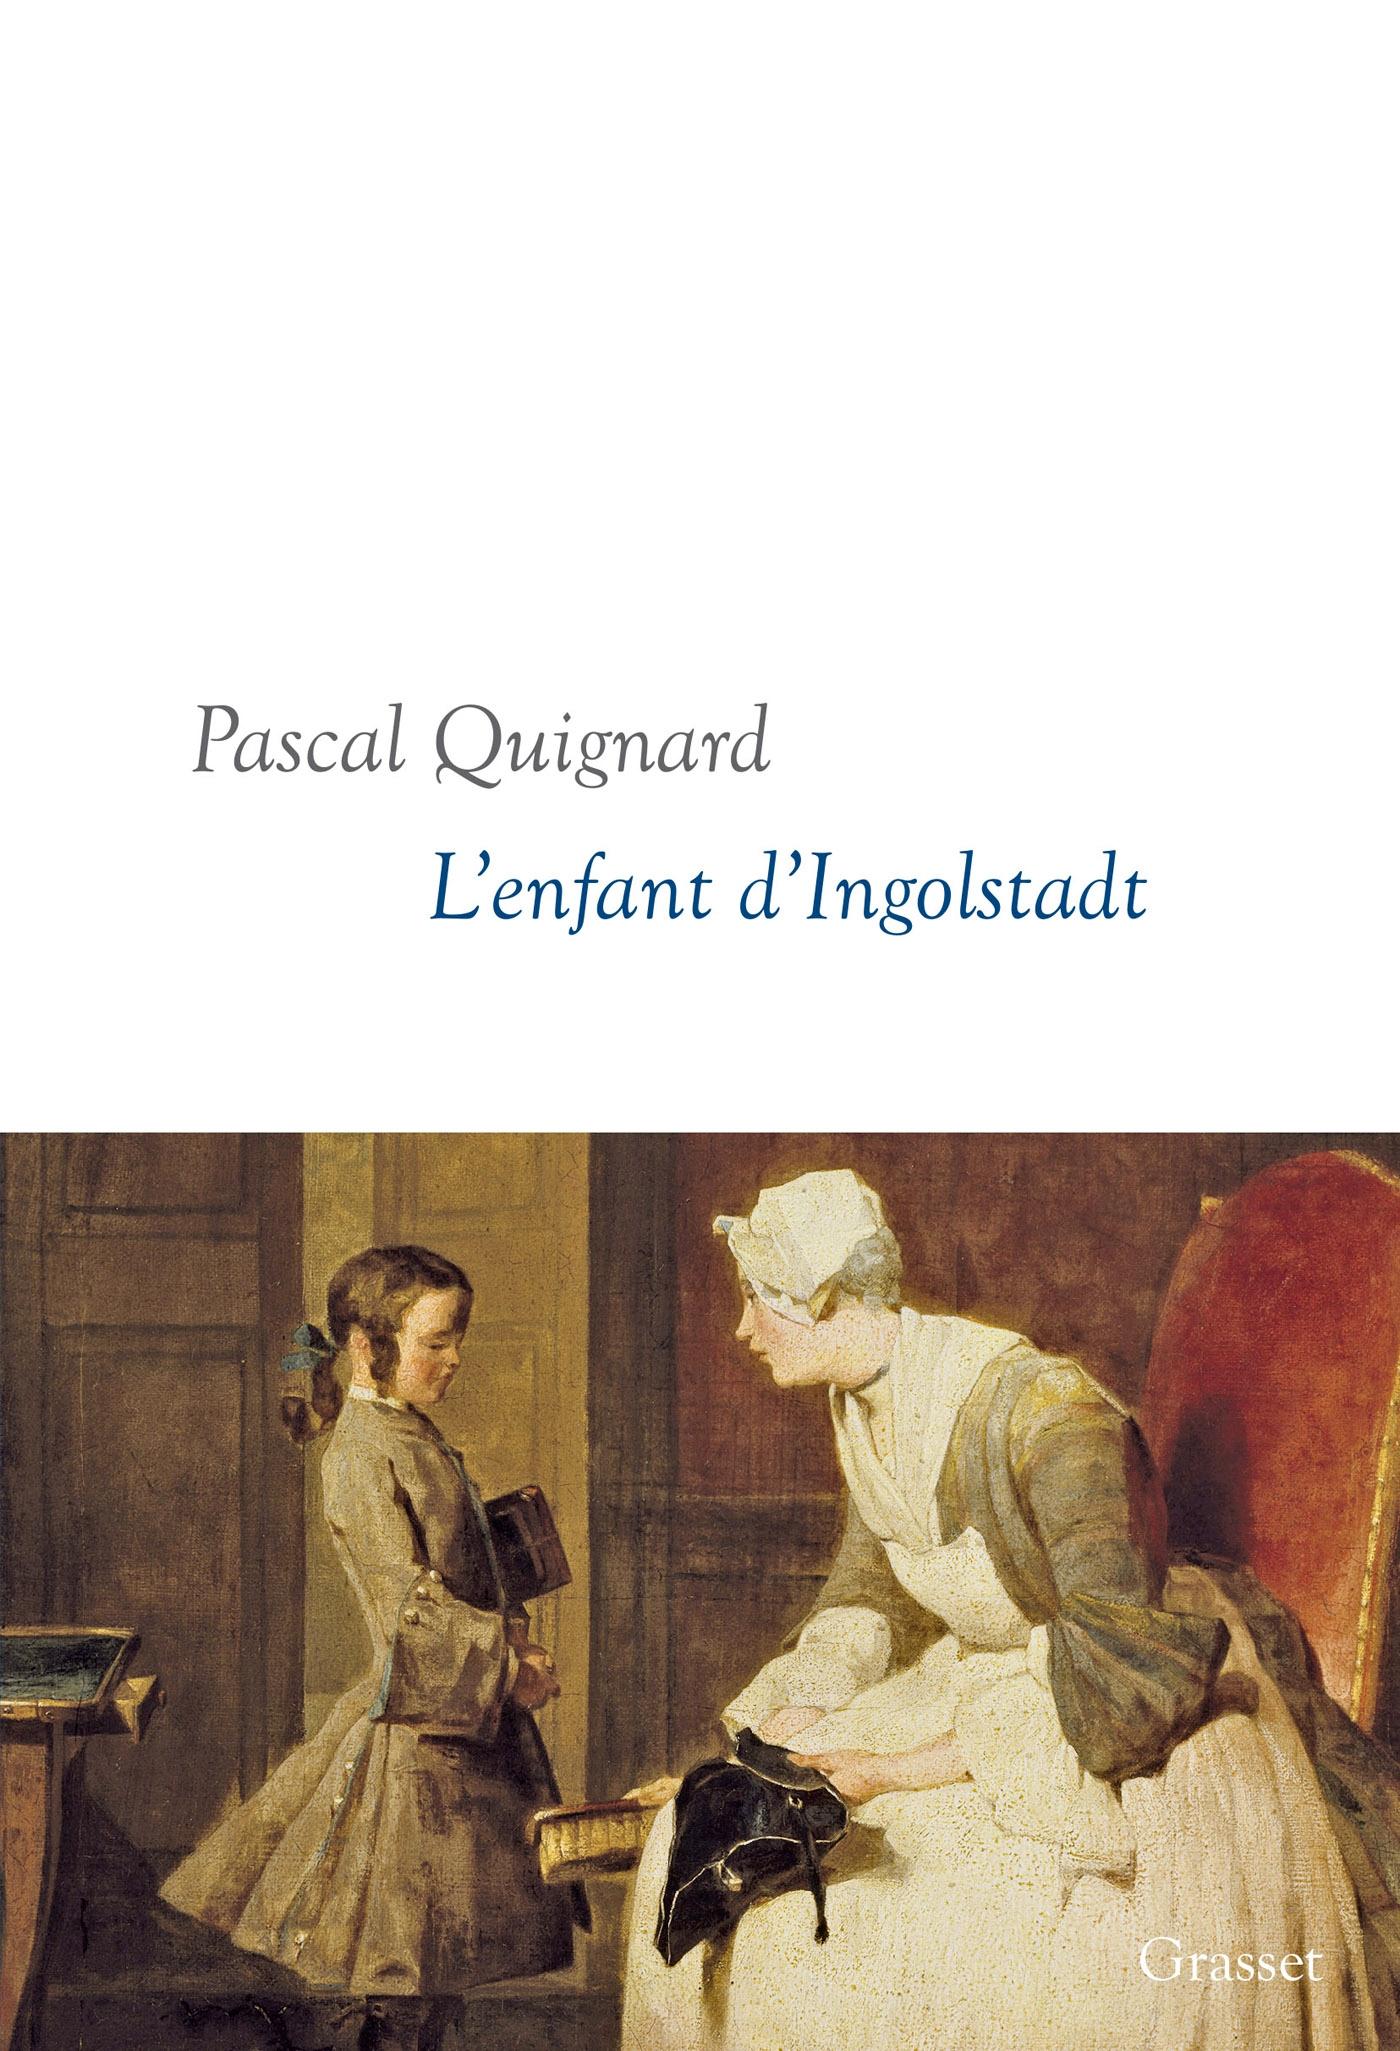 L'enfant d'Ingolstadt